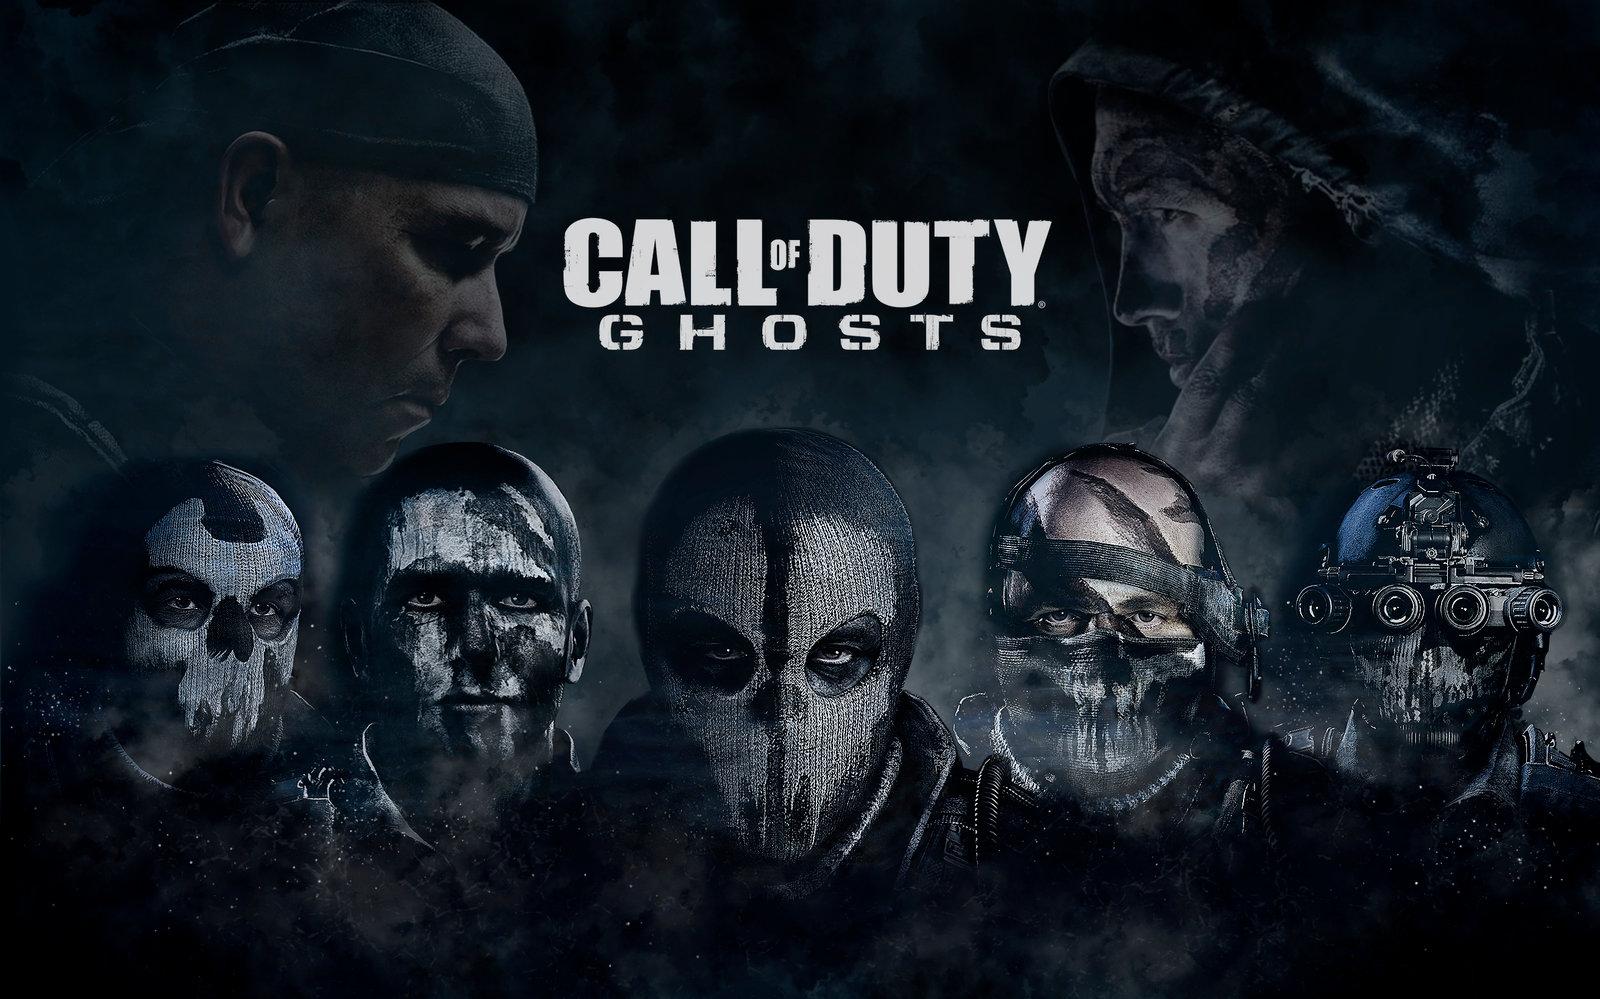 Wallpaper Call Of Duty Ghosts Wallpapersafari